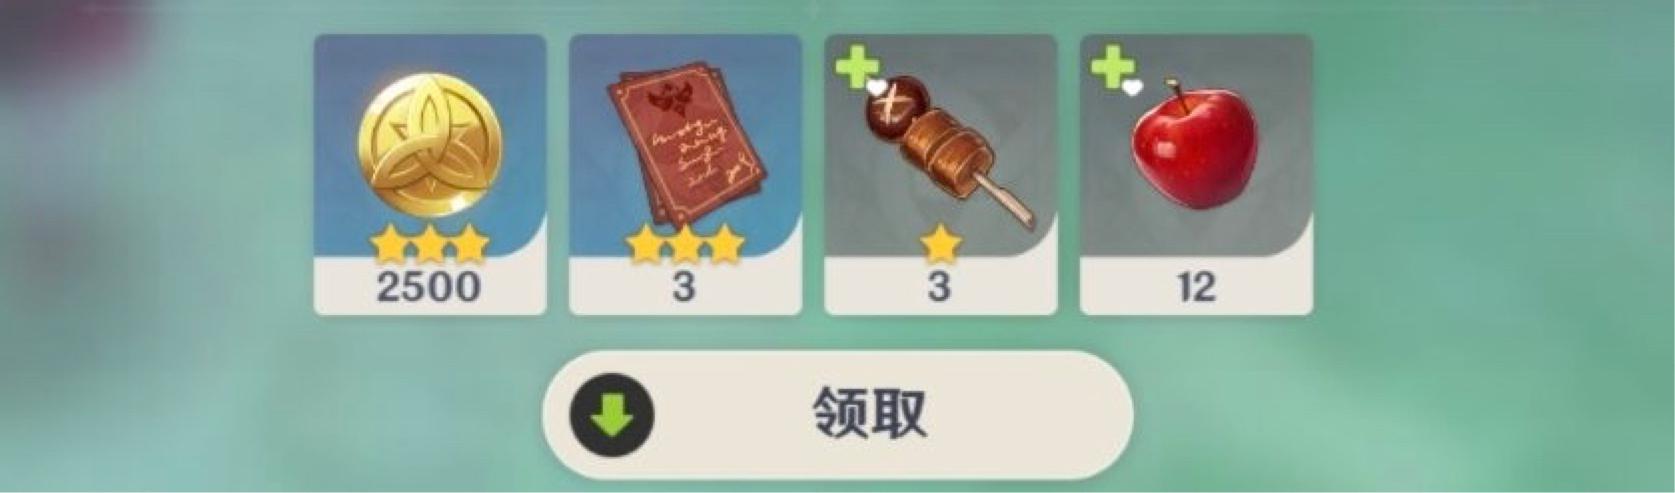 《原神》手机端正式上线,多数玩家表示卡顿,你的手机卡吗?另有开服专属礼包!